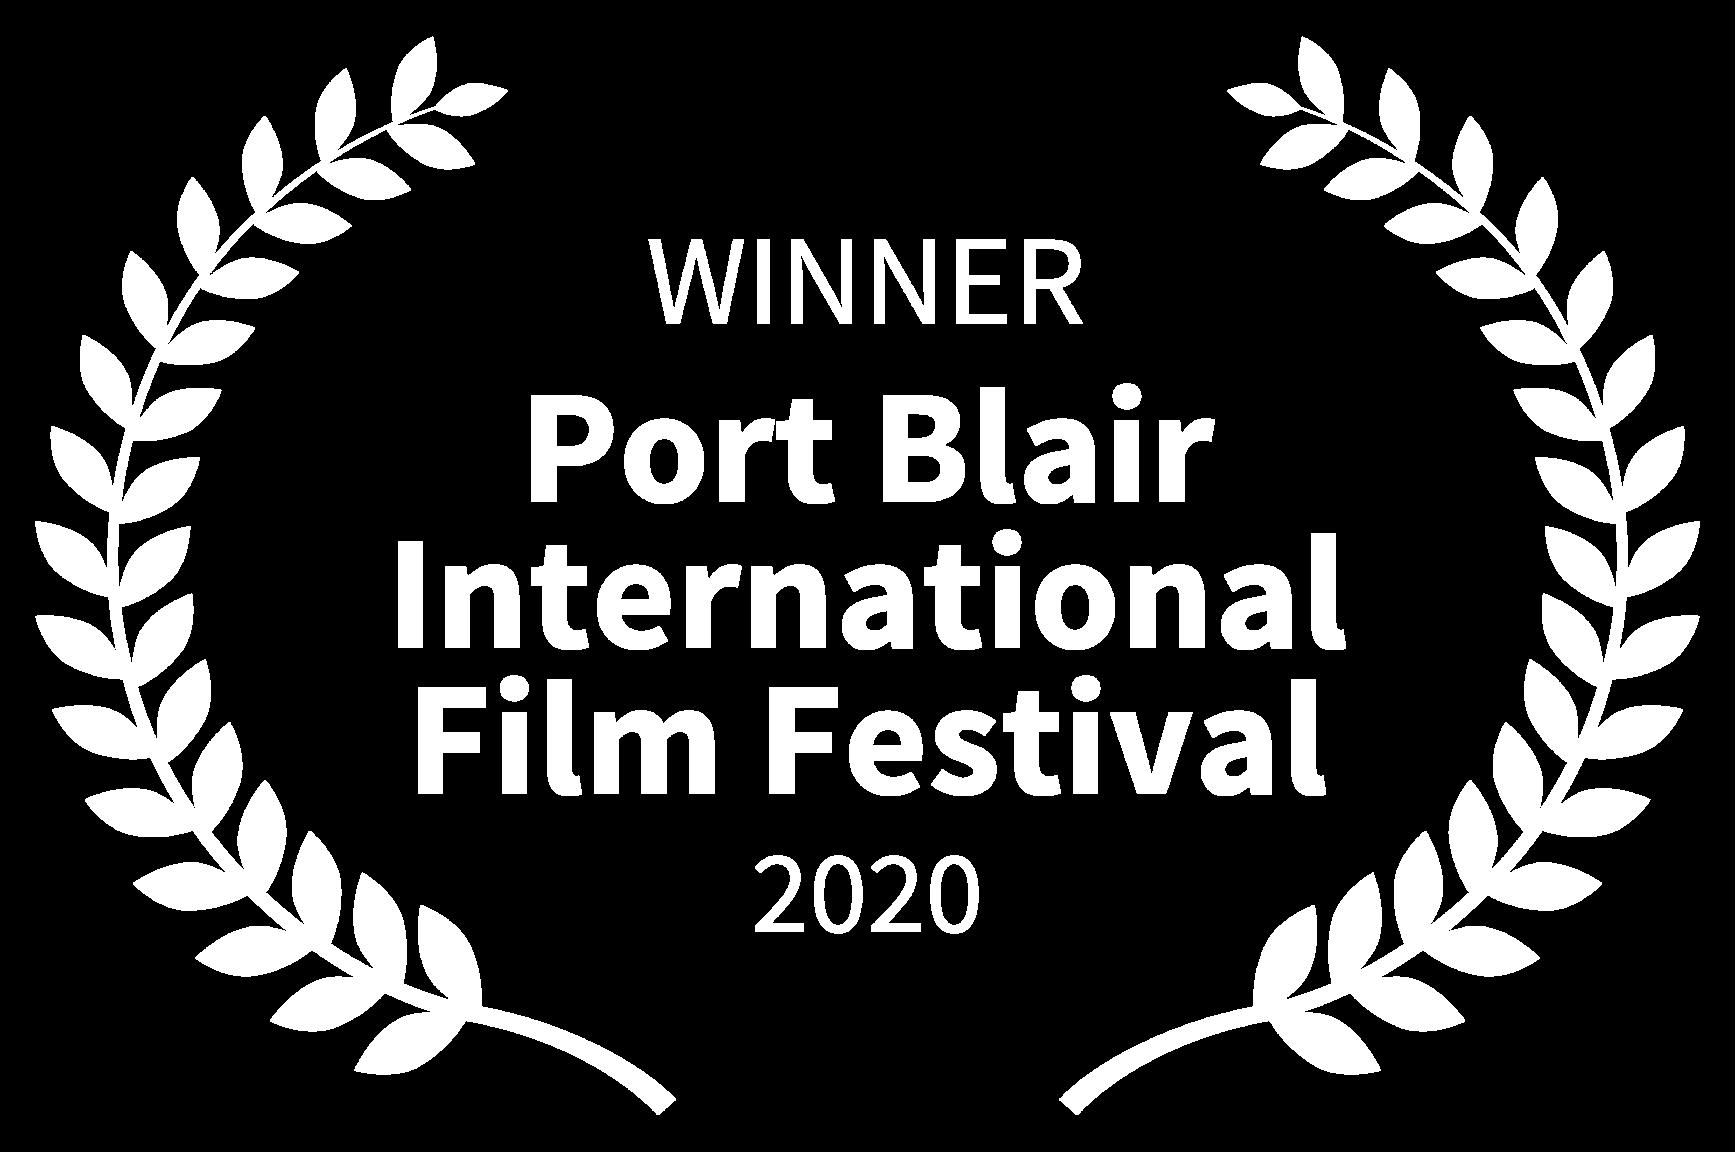 WINNER - Port Blair International Film Festival - 2020